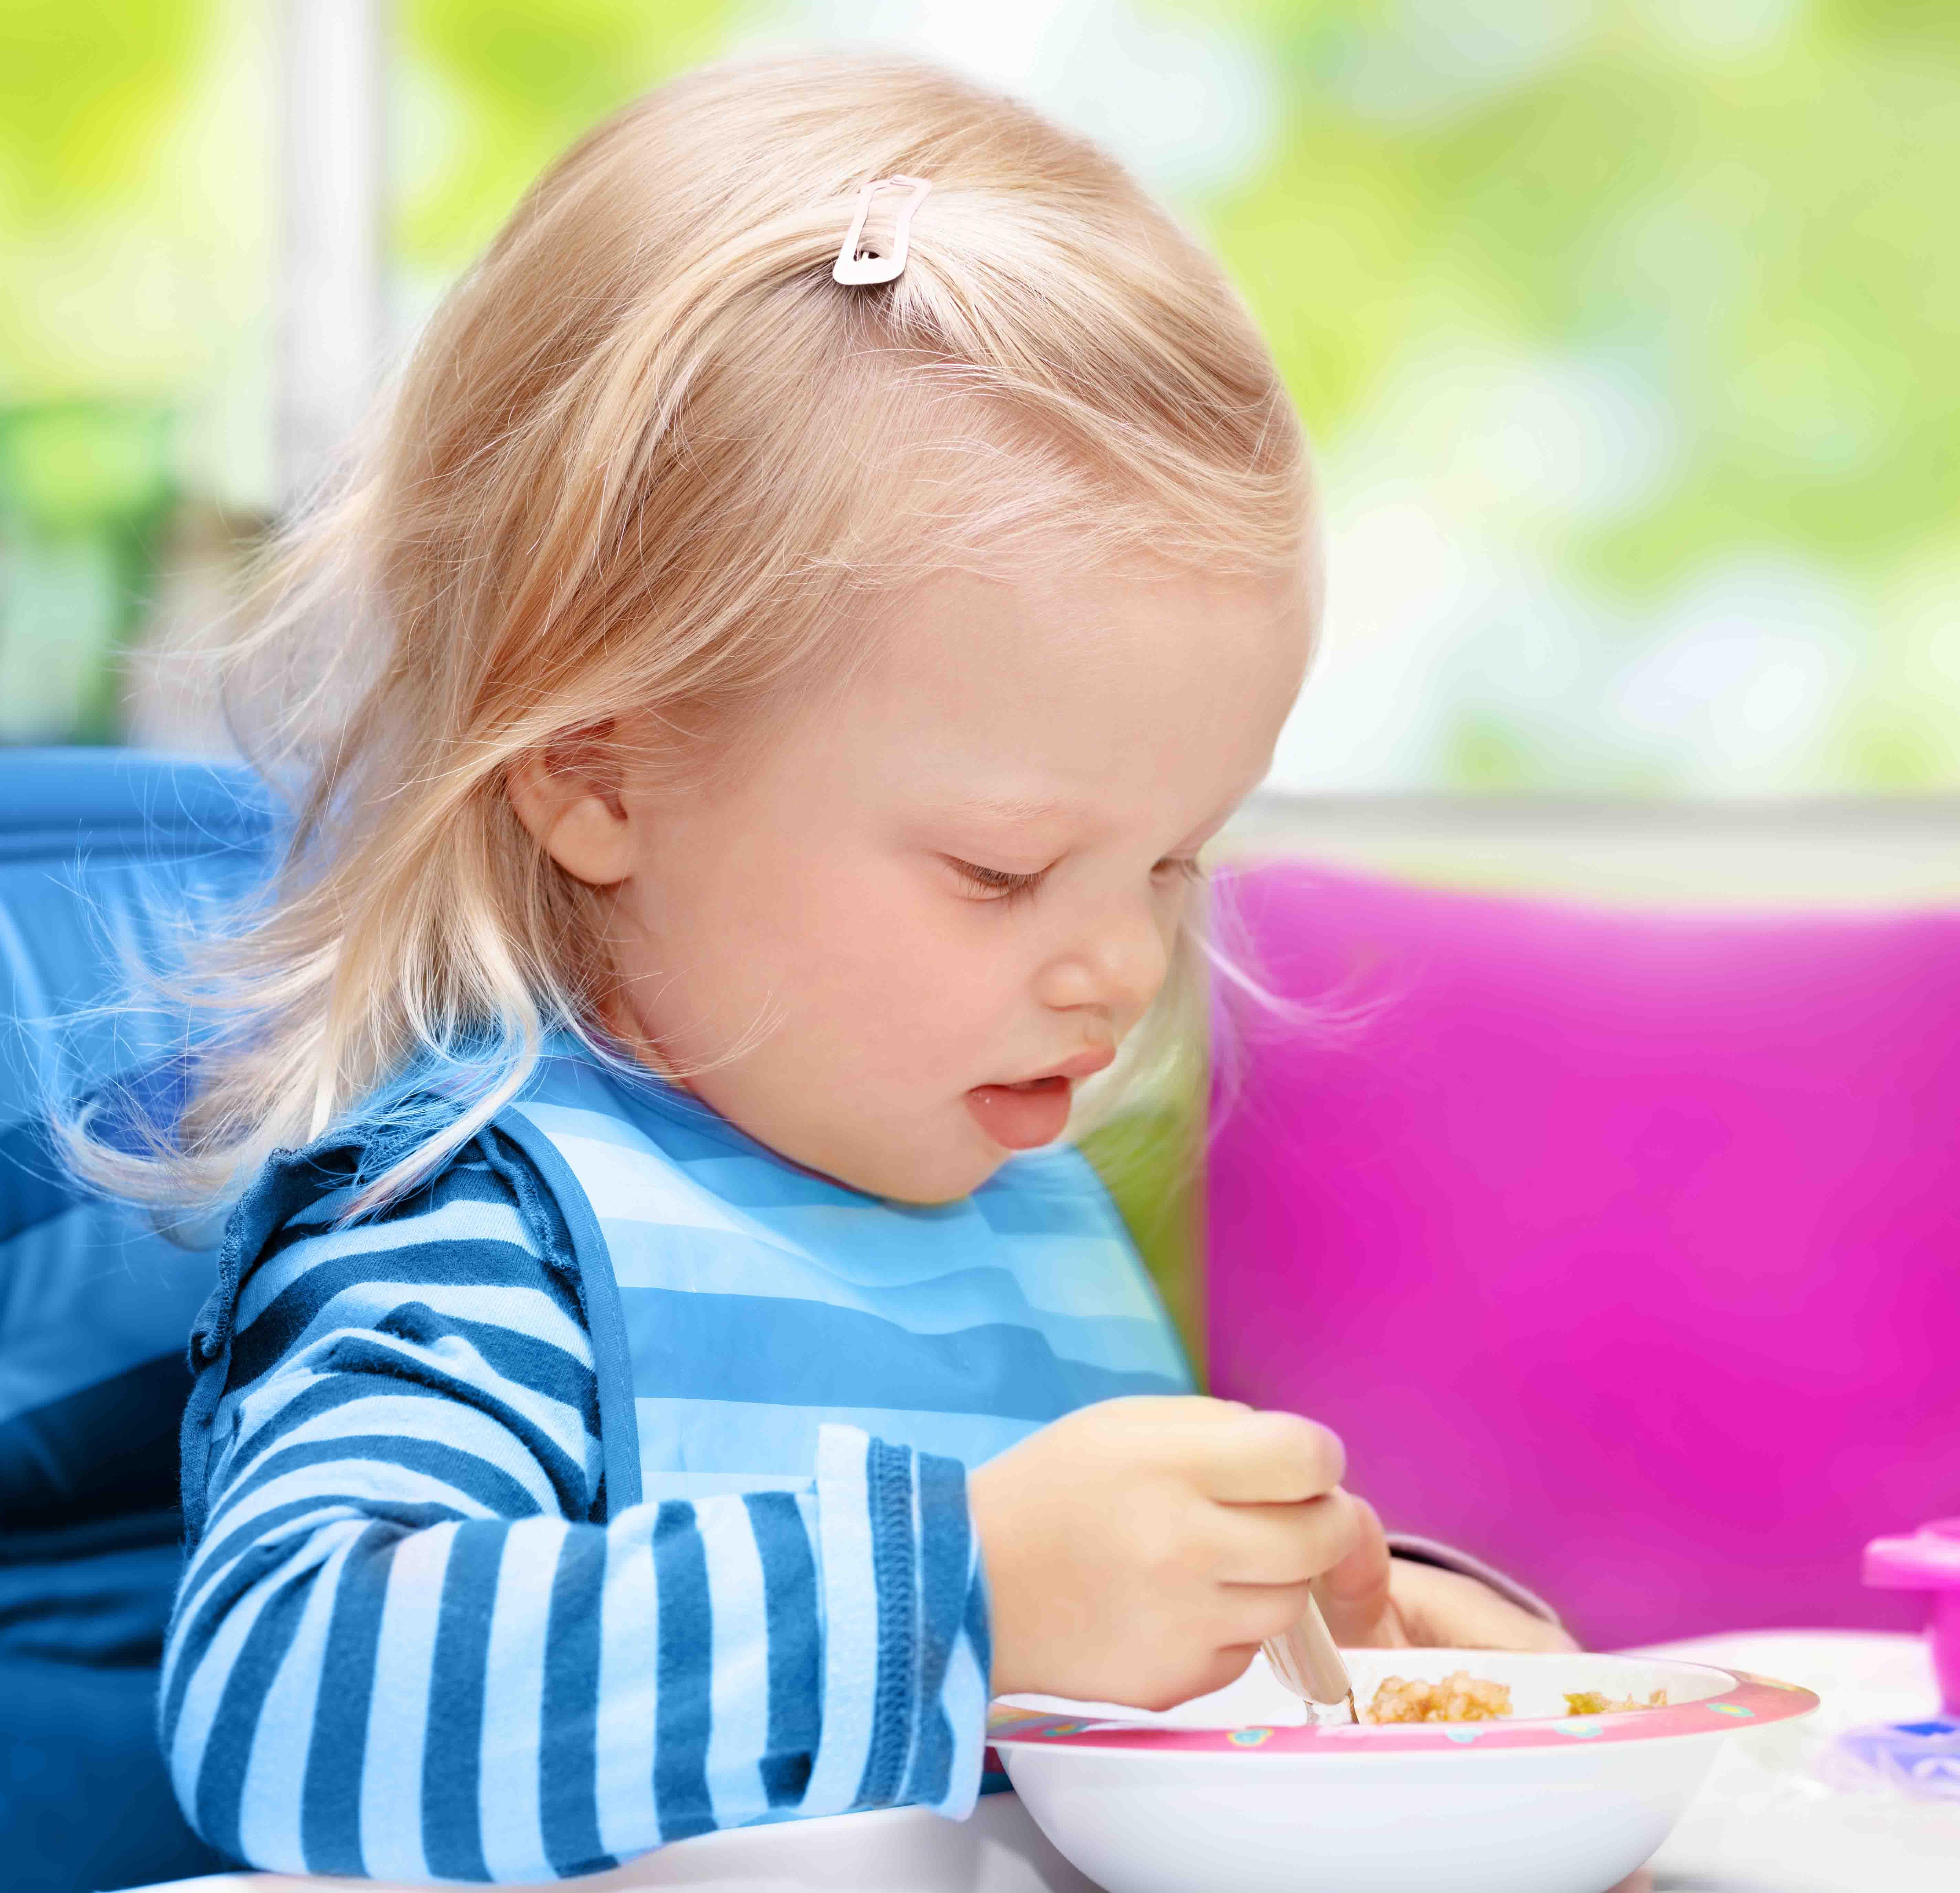 Gezonde voeding en bewegen in het kinderdagverblijf of bij onthaalouders